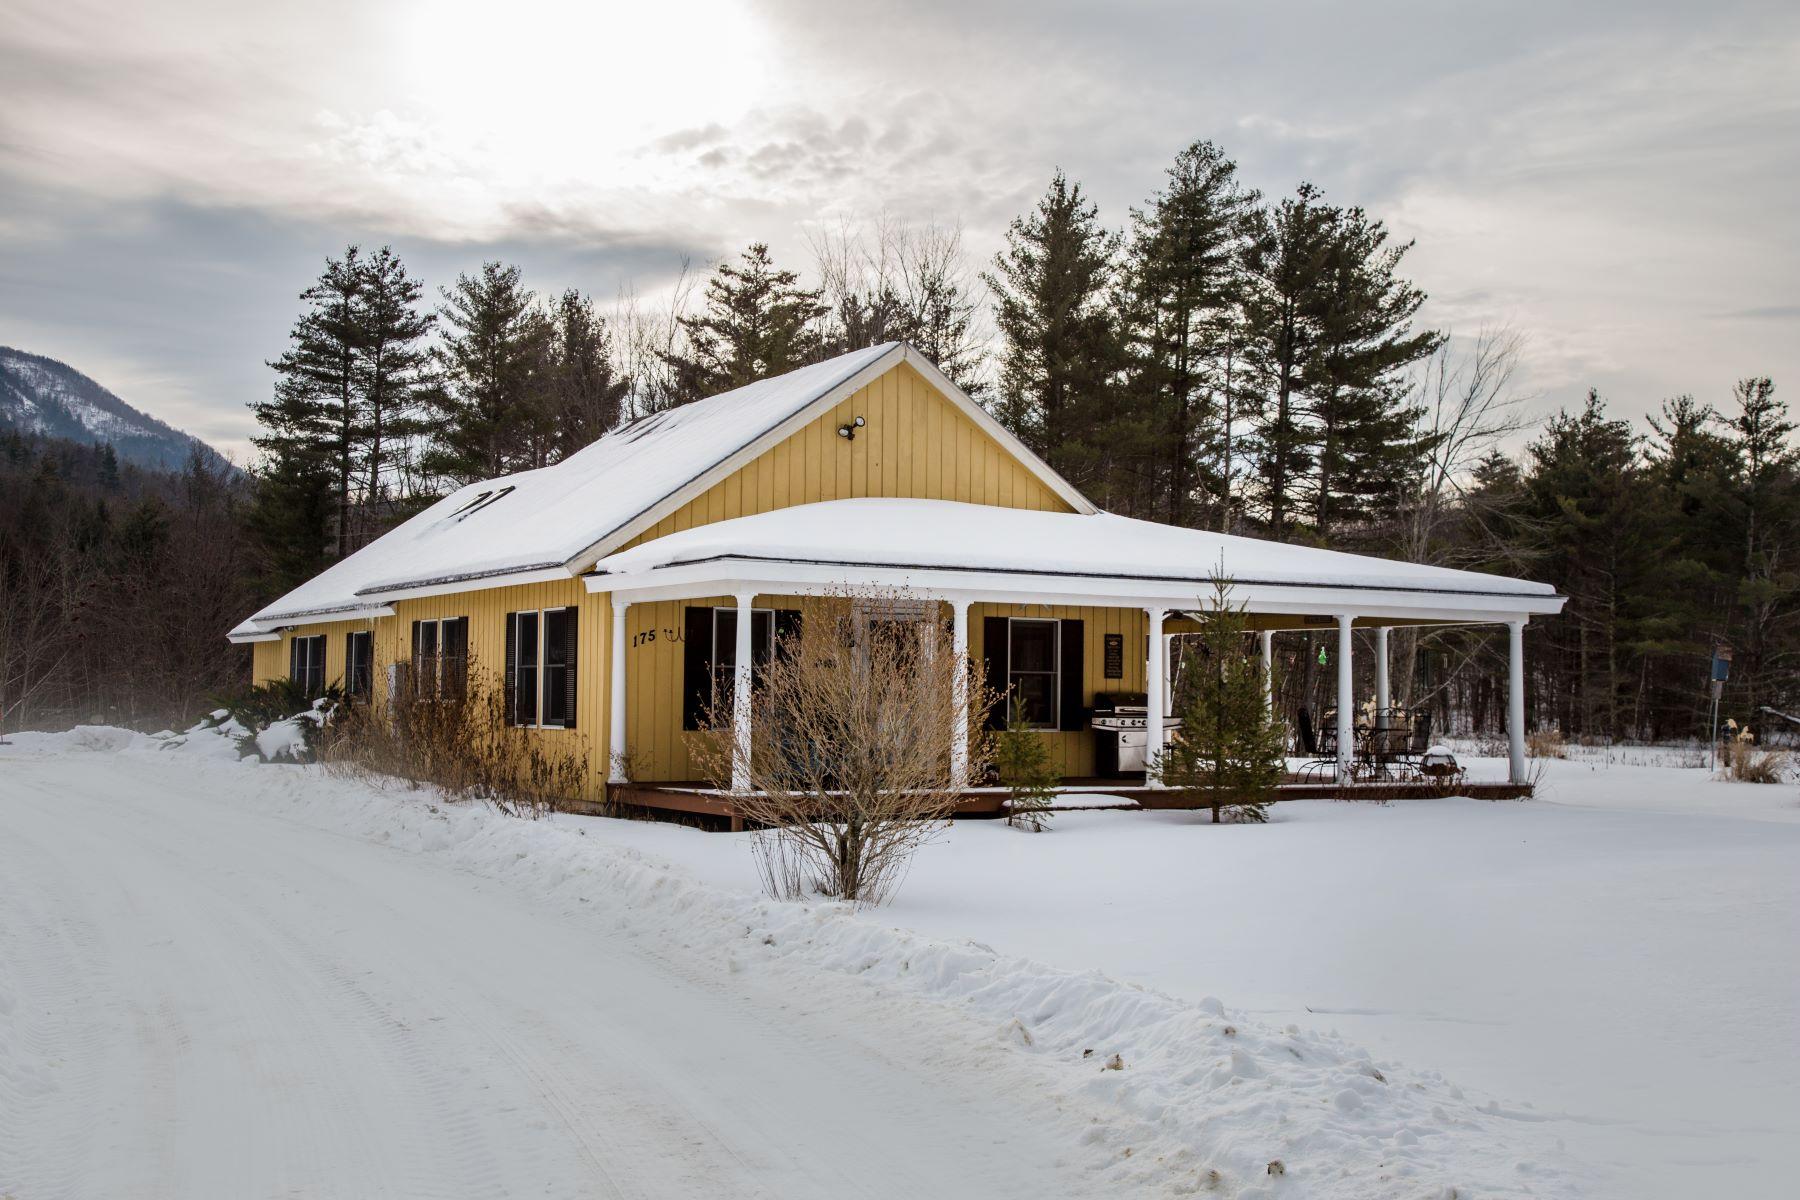 独户住宅 为 销售 在 175 Duval, Brandon 布兰登, 佛蒙特州, 05733 美国